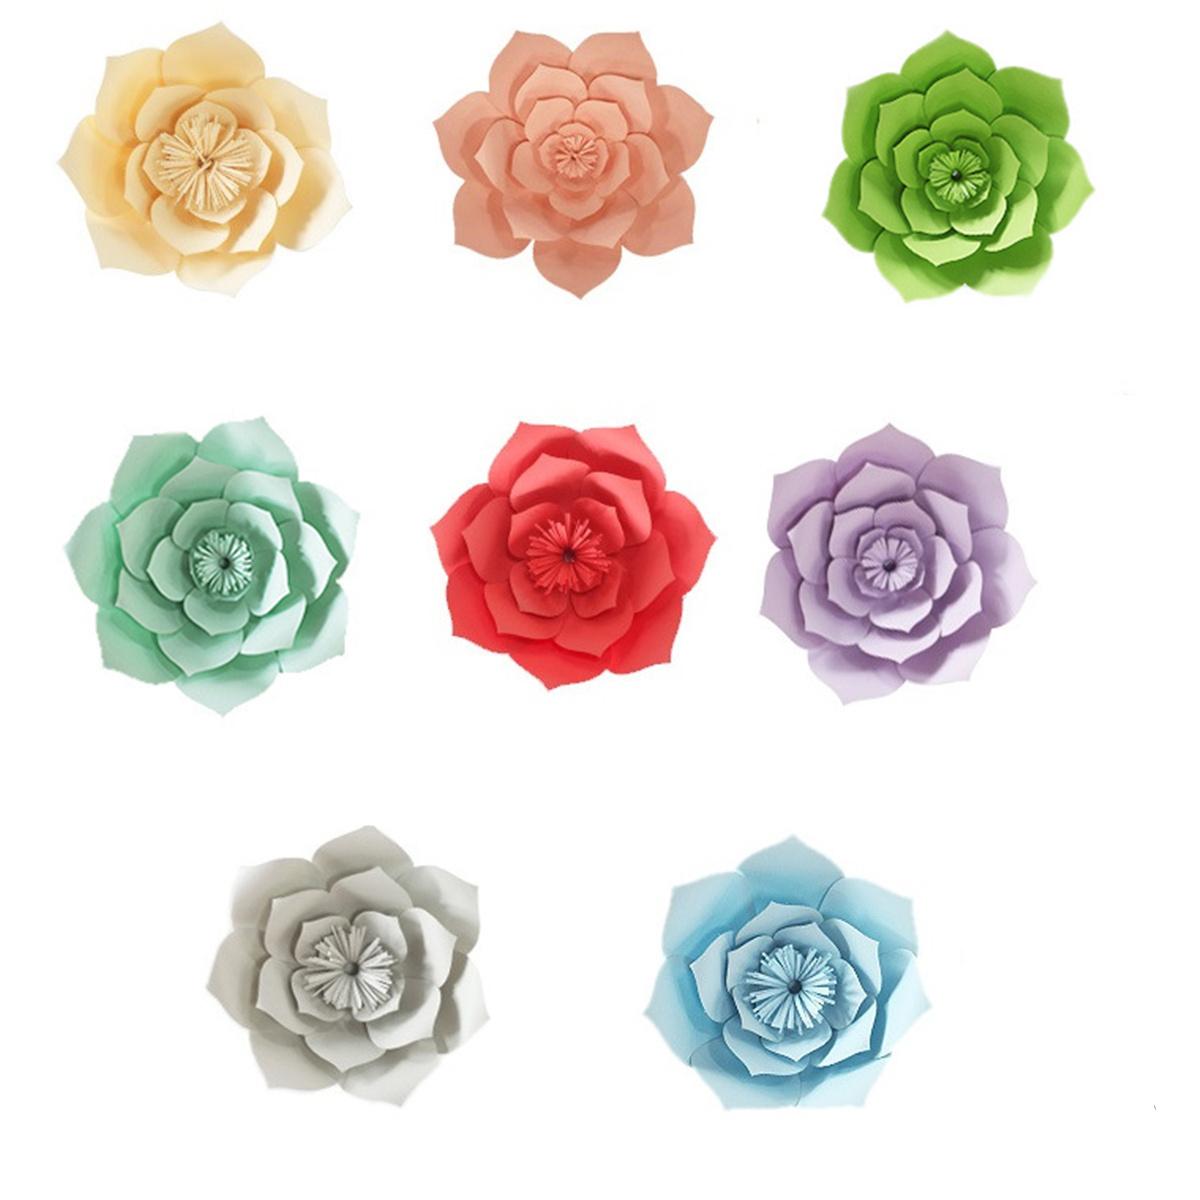 См бумажные цветы окно наклейки цветочный фон стены Свадебное день рождения украшения дома магазин